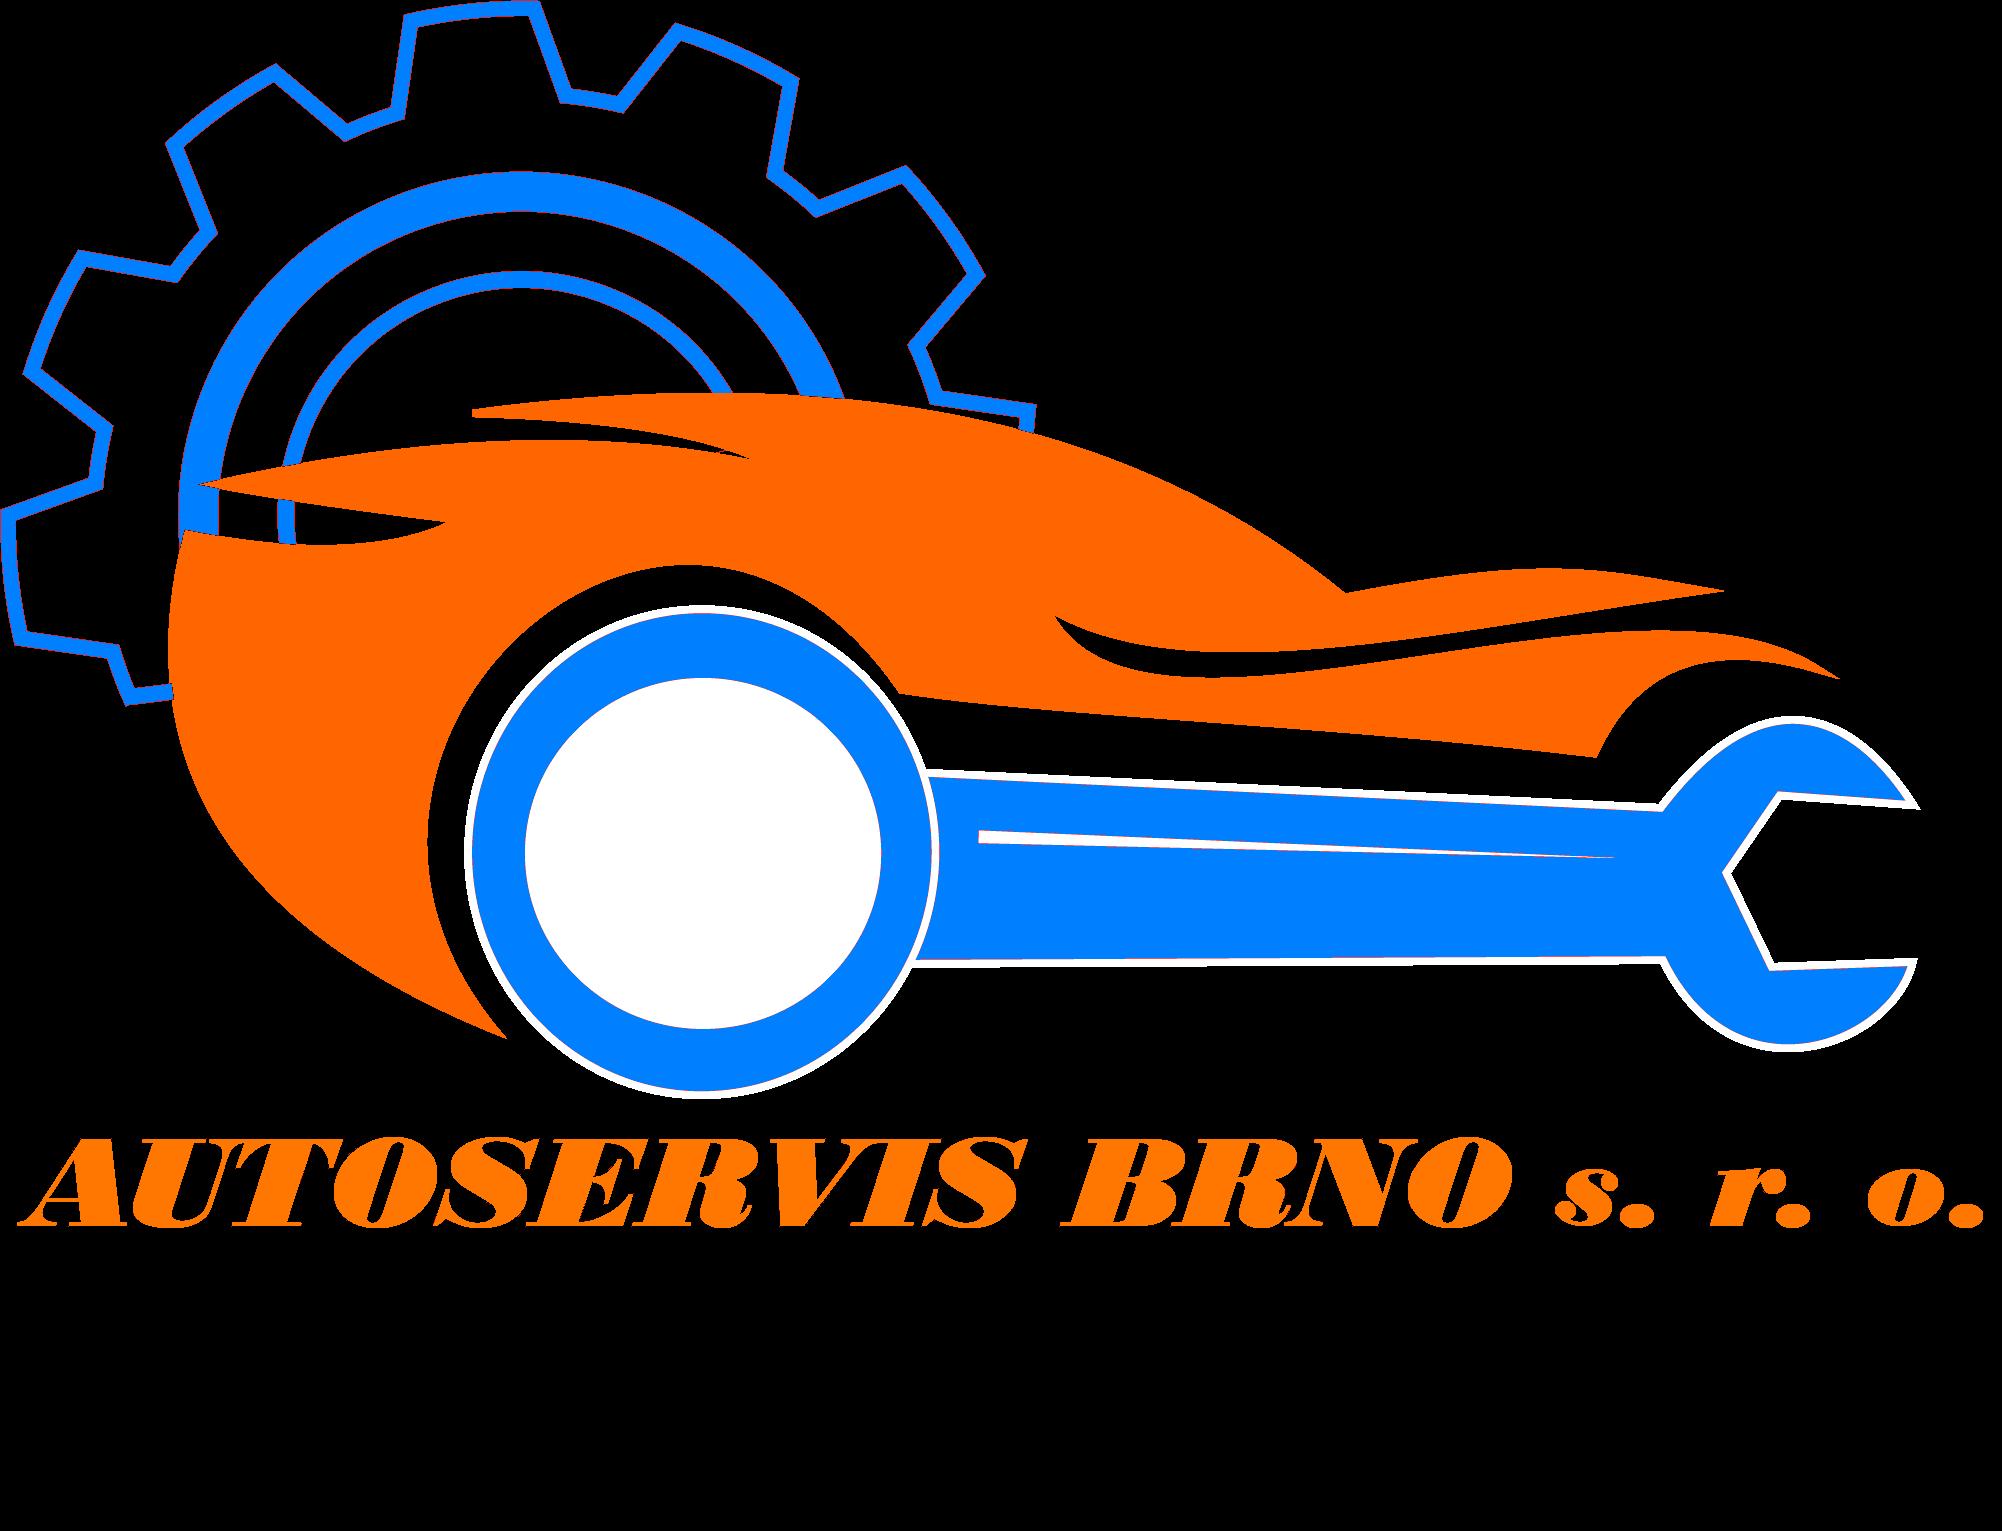 Autoservis Brno s. r. o.